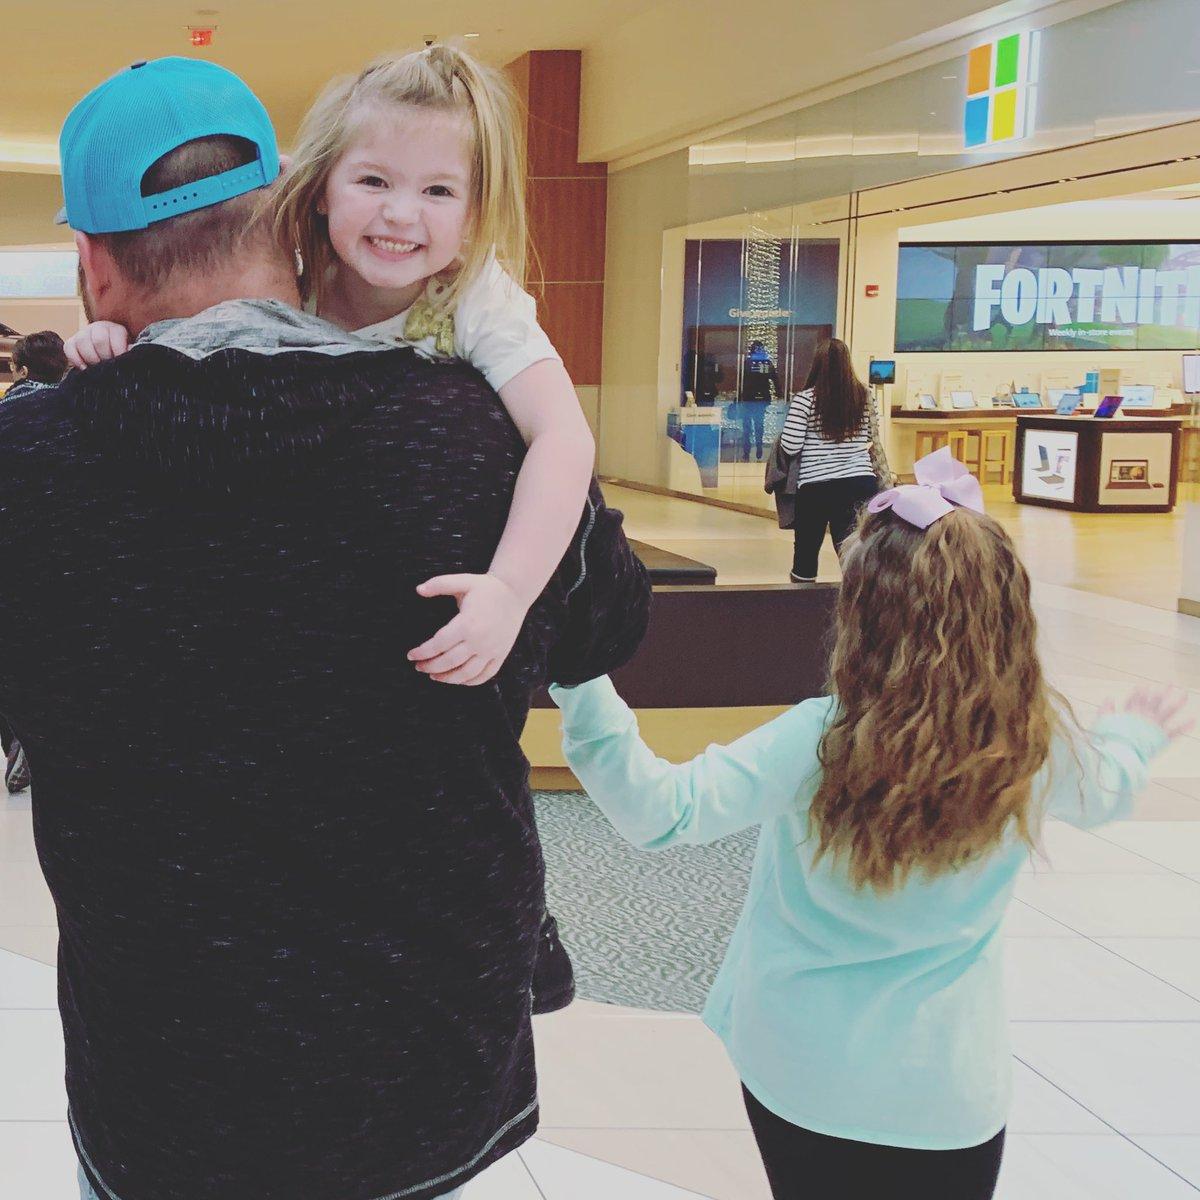 RT @krissyK01: @ItsGaryTime and his beautiful girls! 💙💚❤️ https://t.co/SvklXAhz0M